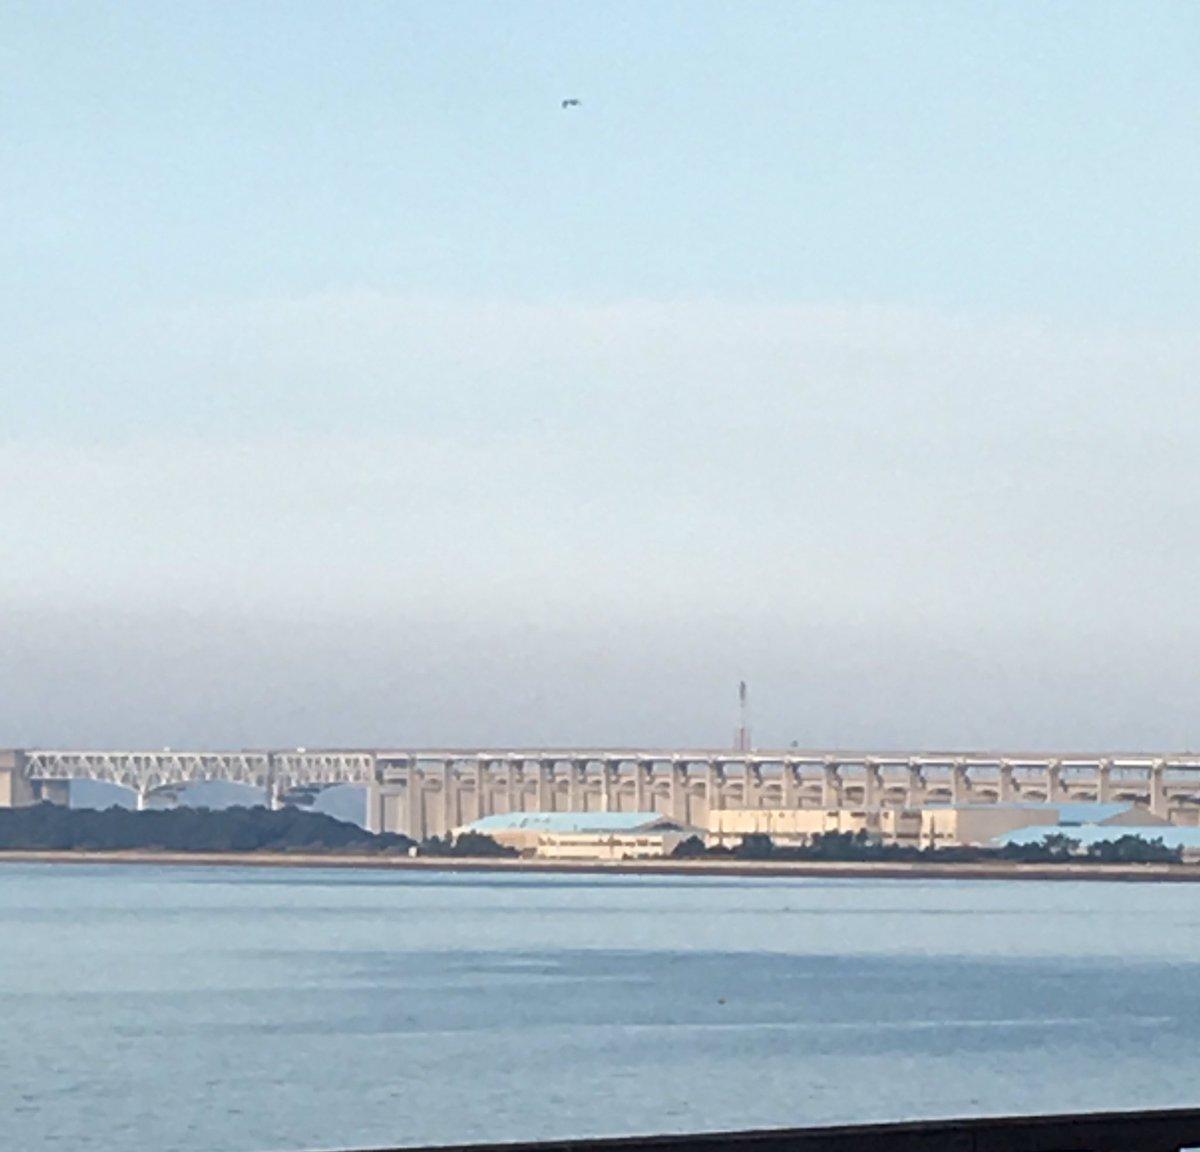 瀬戸大橋、海辺は寒くなりだしたなぁ、ポケモンもう出来ないかなぁ〜。